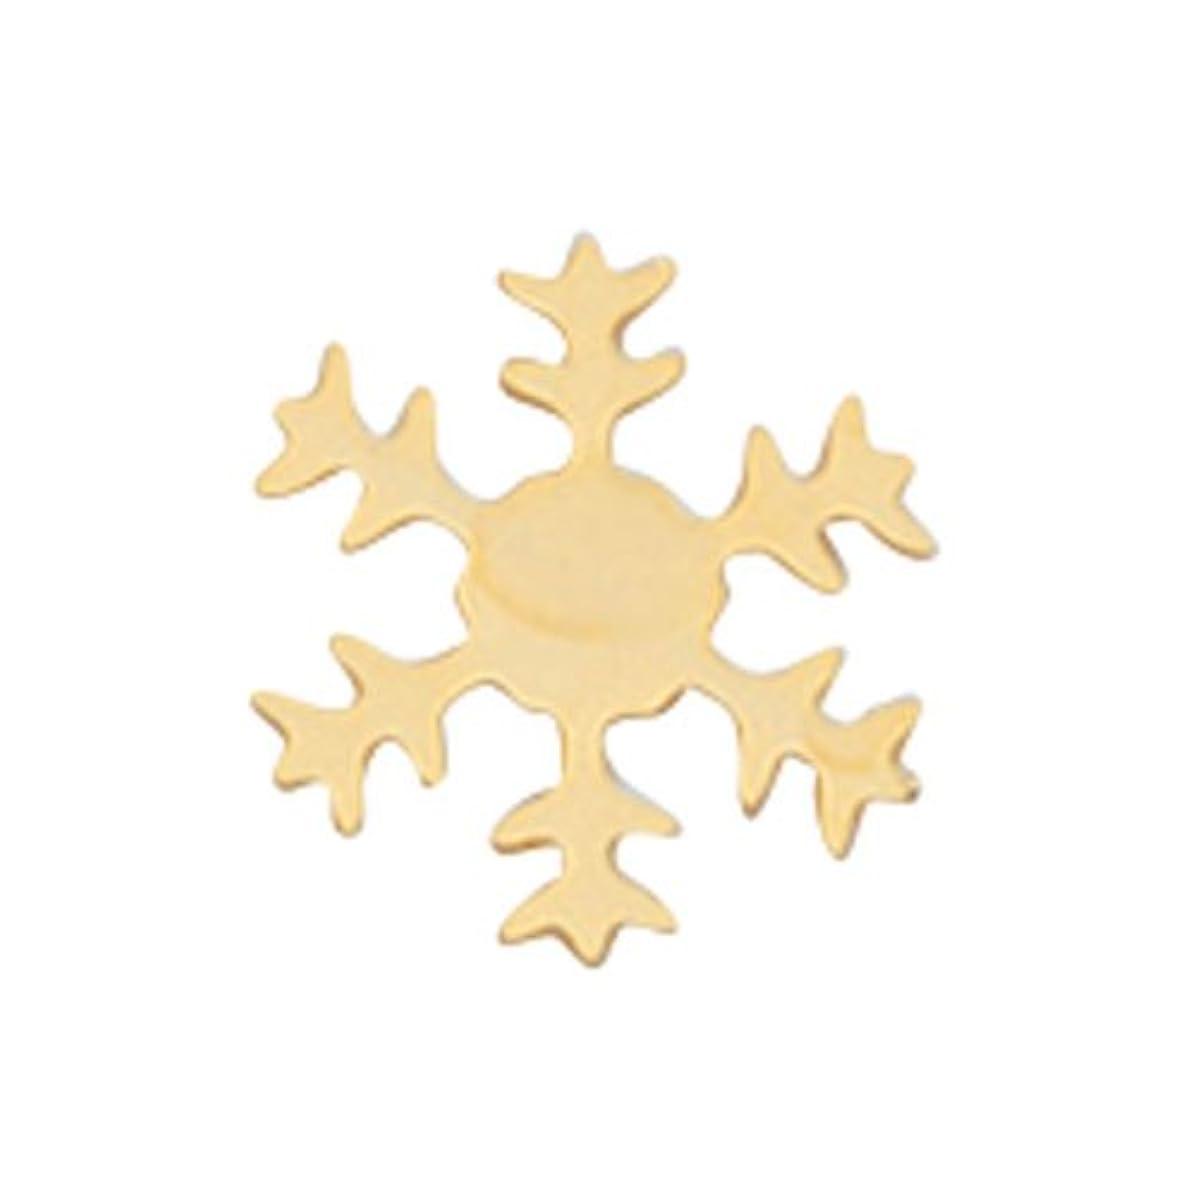 同行メモクルーズリトルプリティー ネイルアートパーツ スノーフレーク SS ゴールド 10個